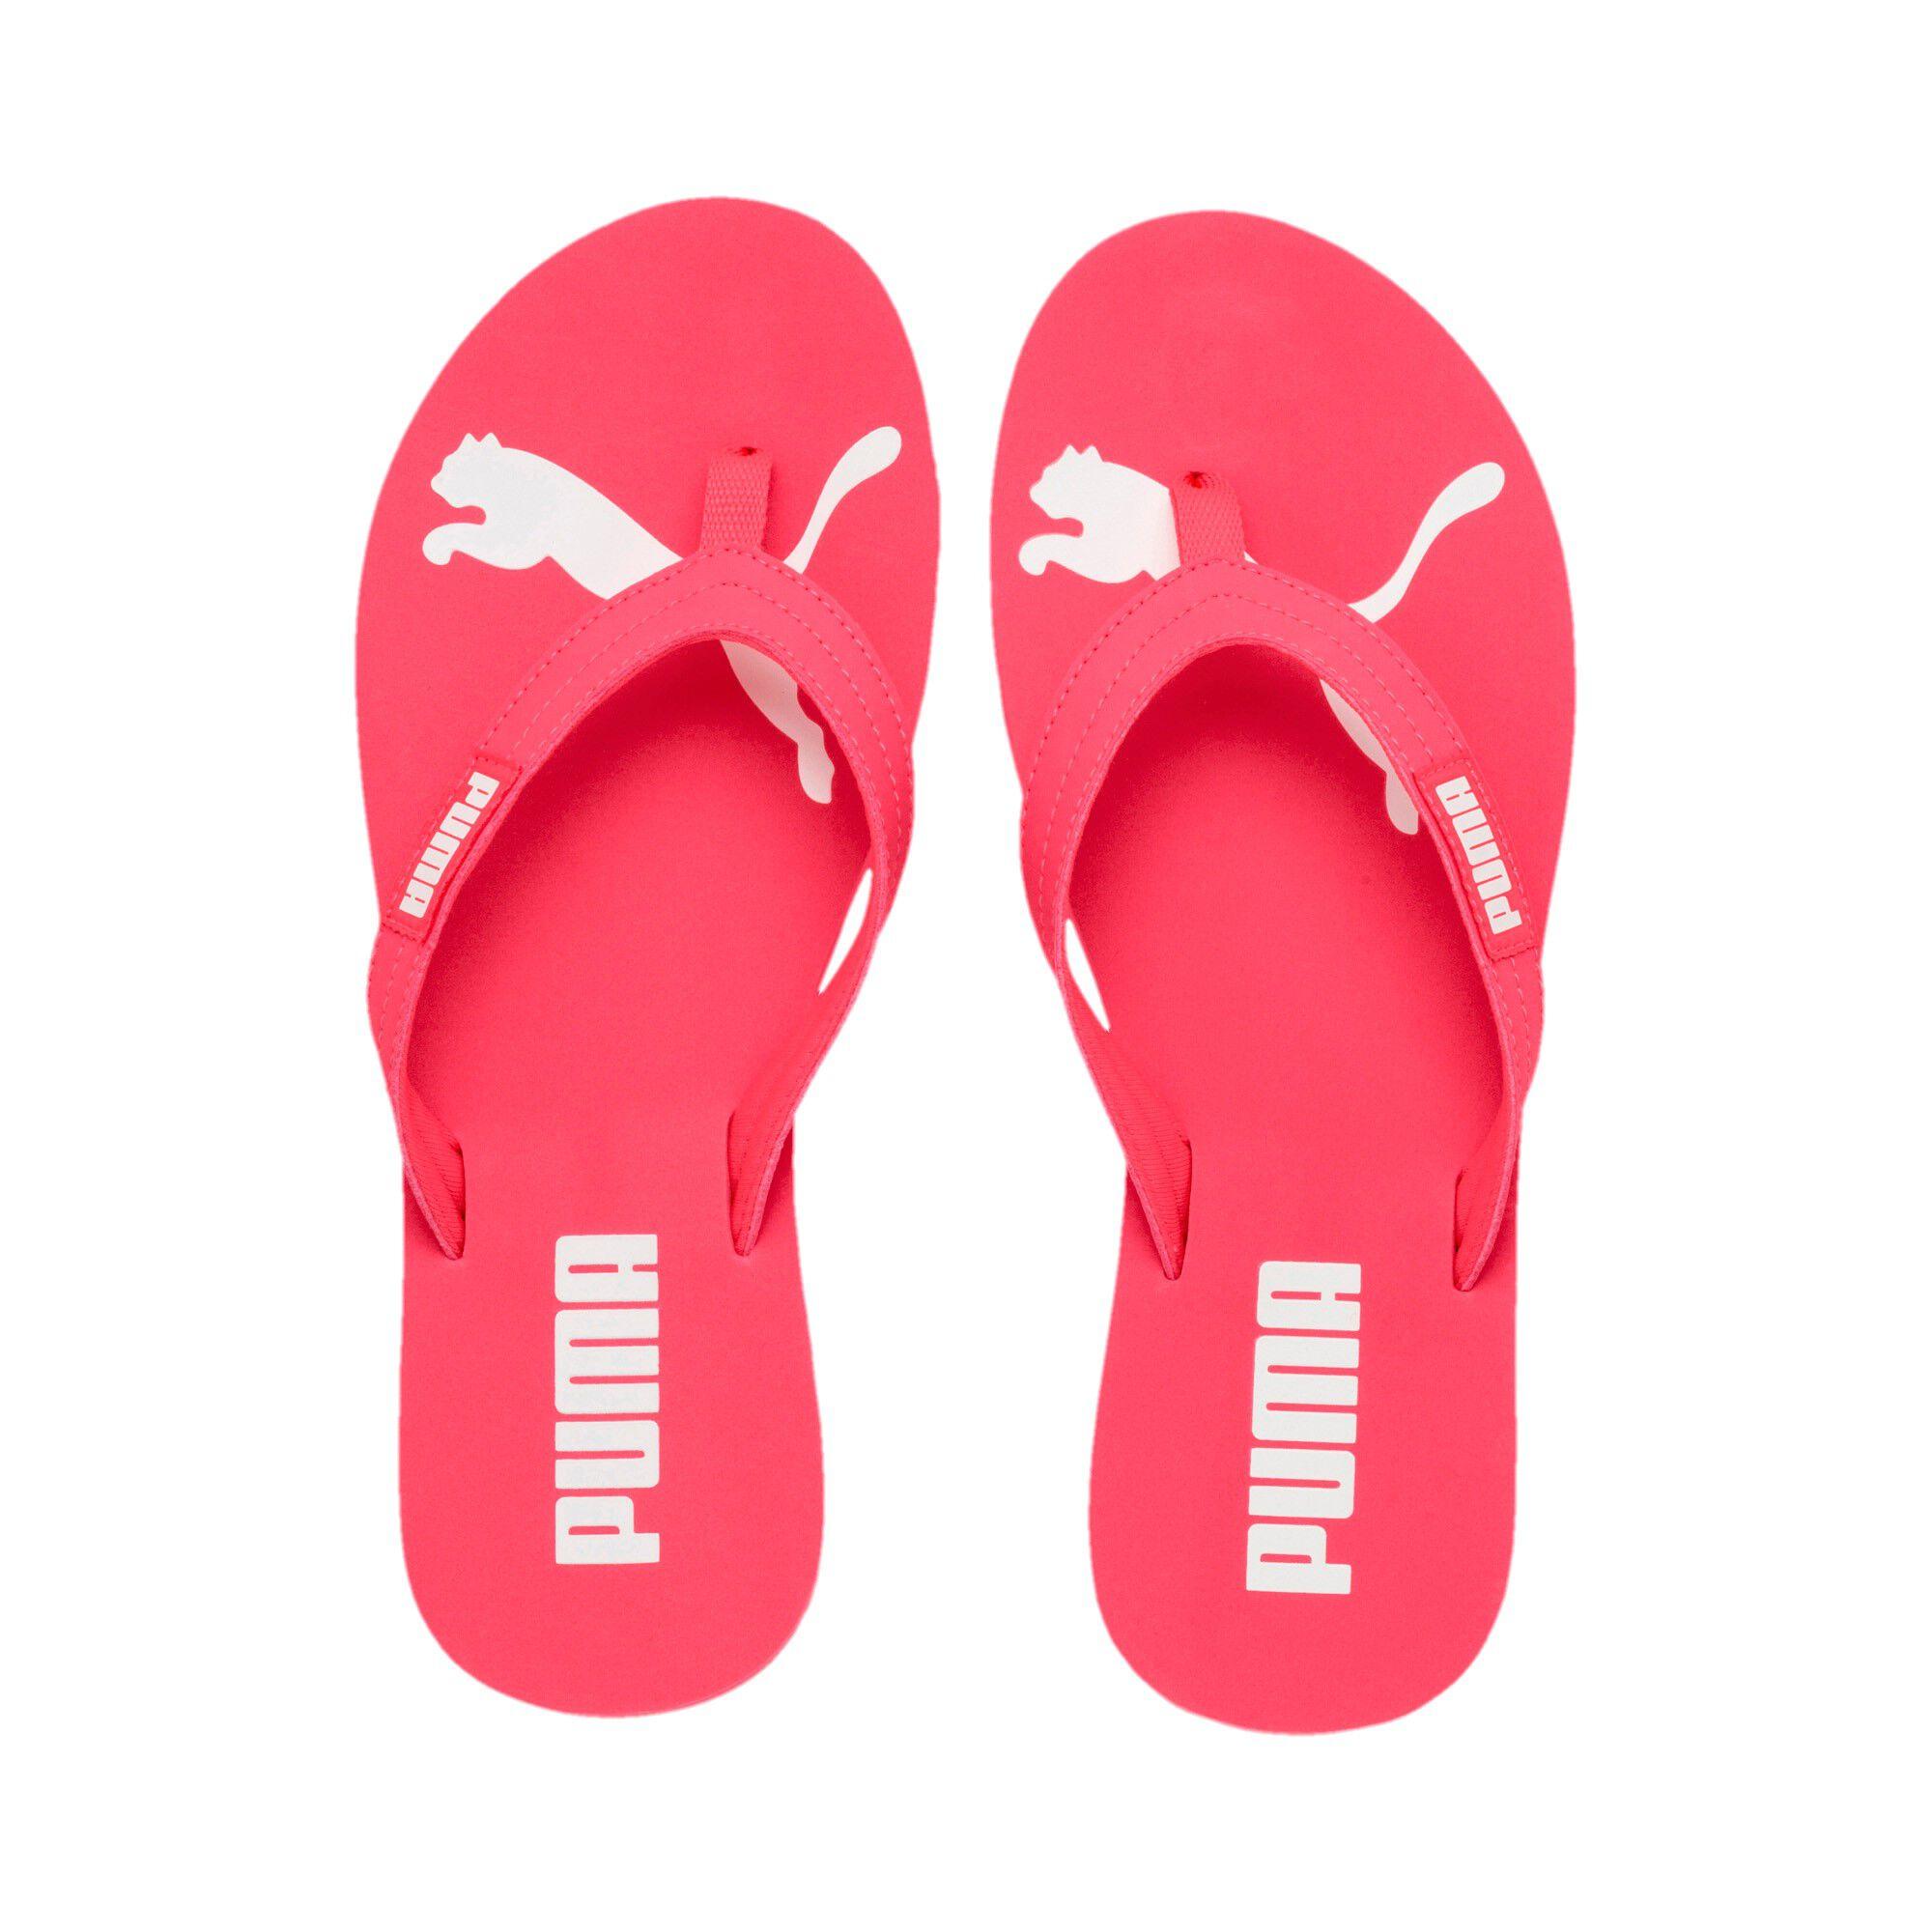 Puma Cozy Flip Flop Damen Pink, Weiß online kaufen